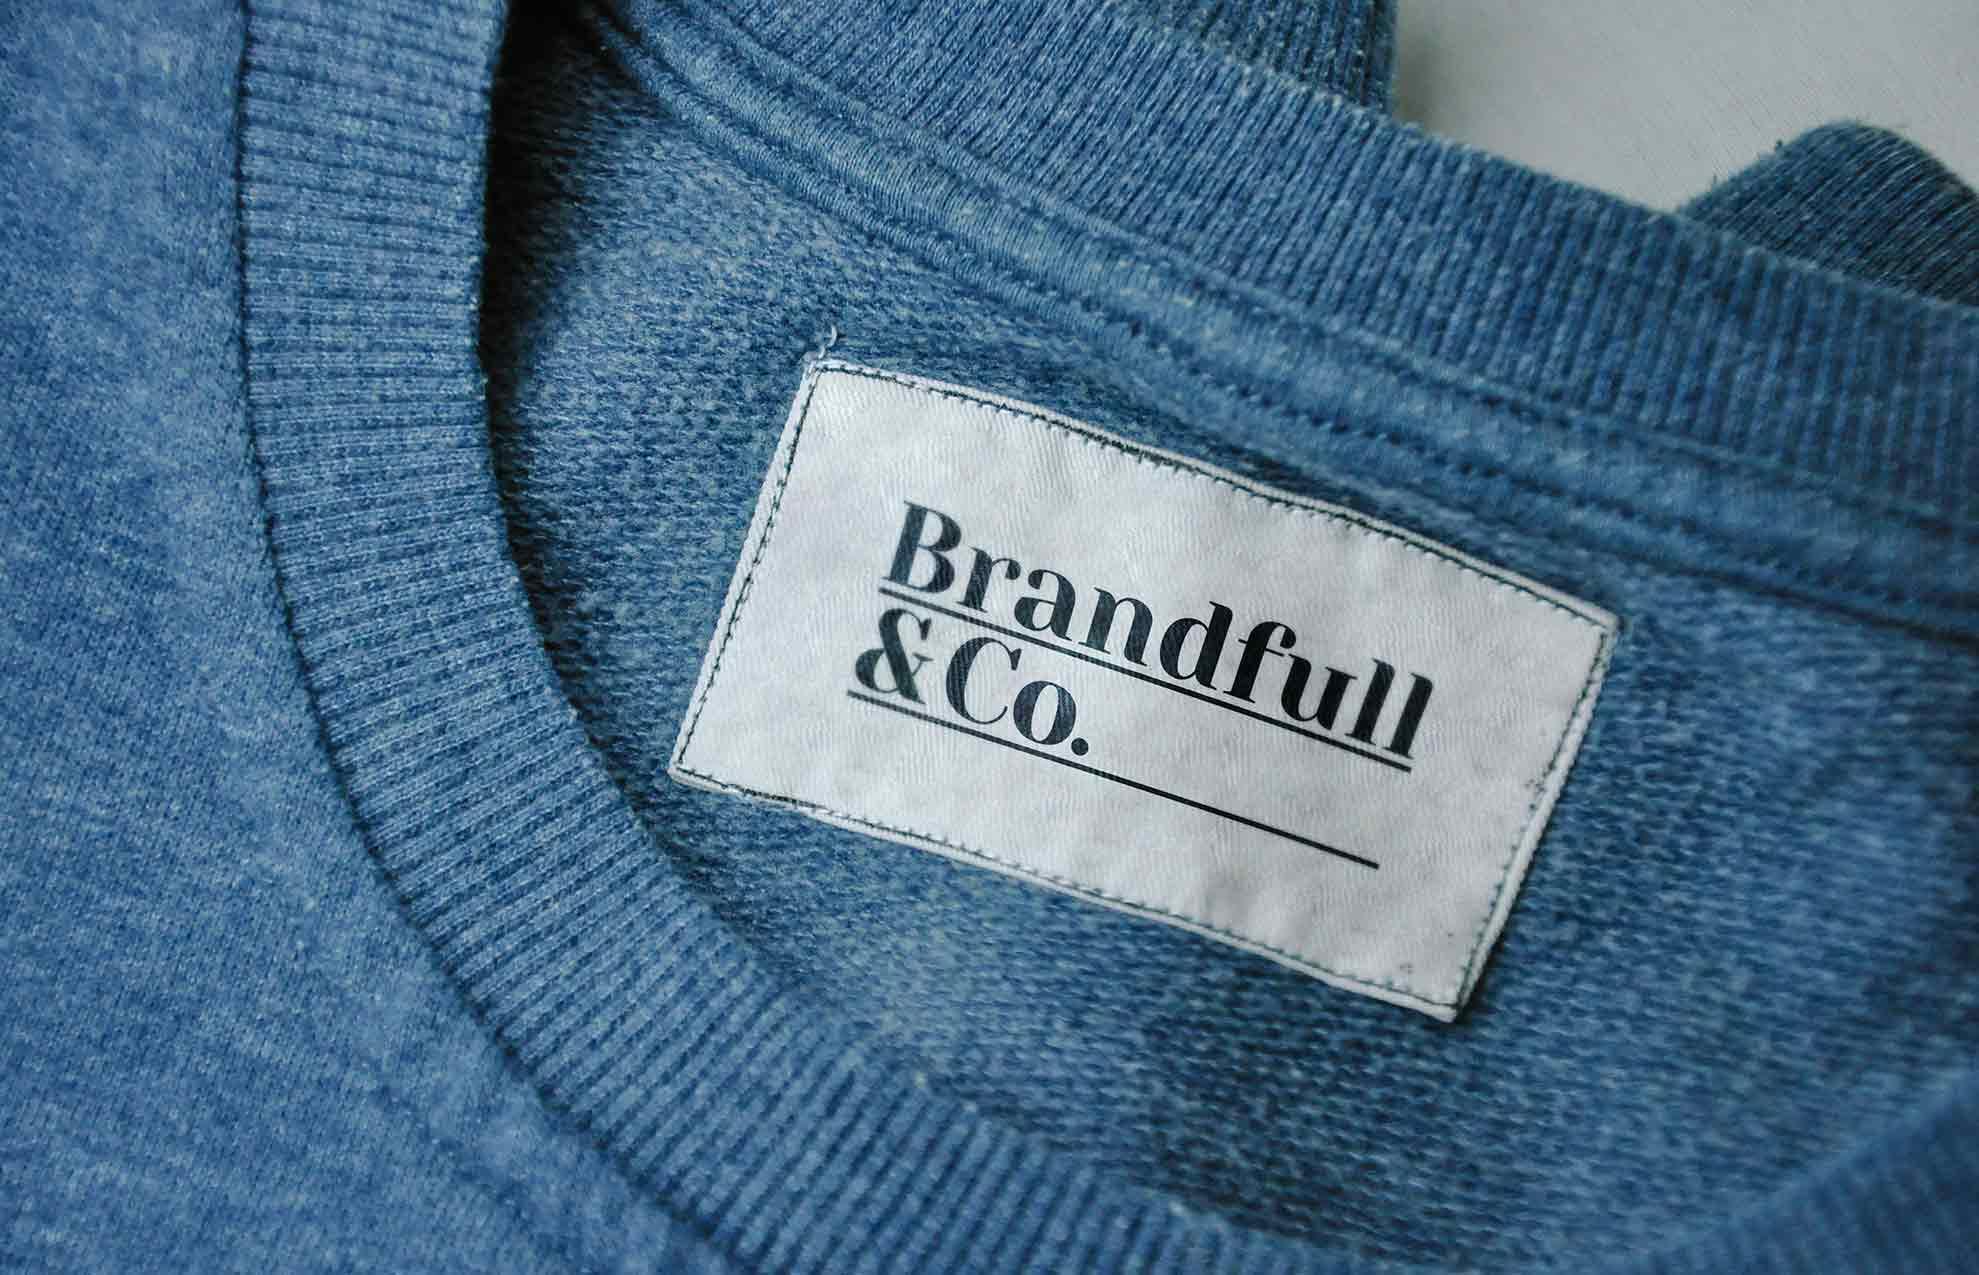 diseno branding sector moda - Brandfull&Co, un proyecto integral de diseño